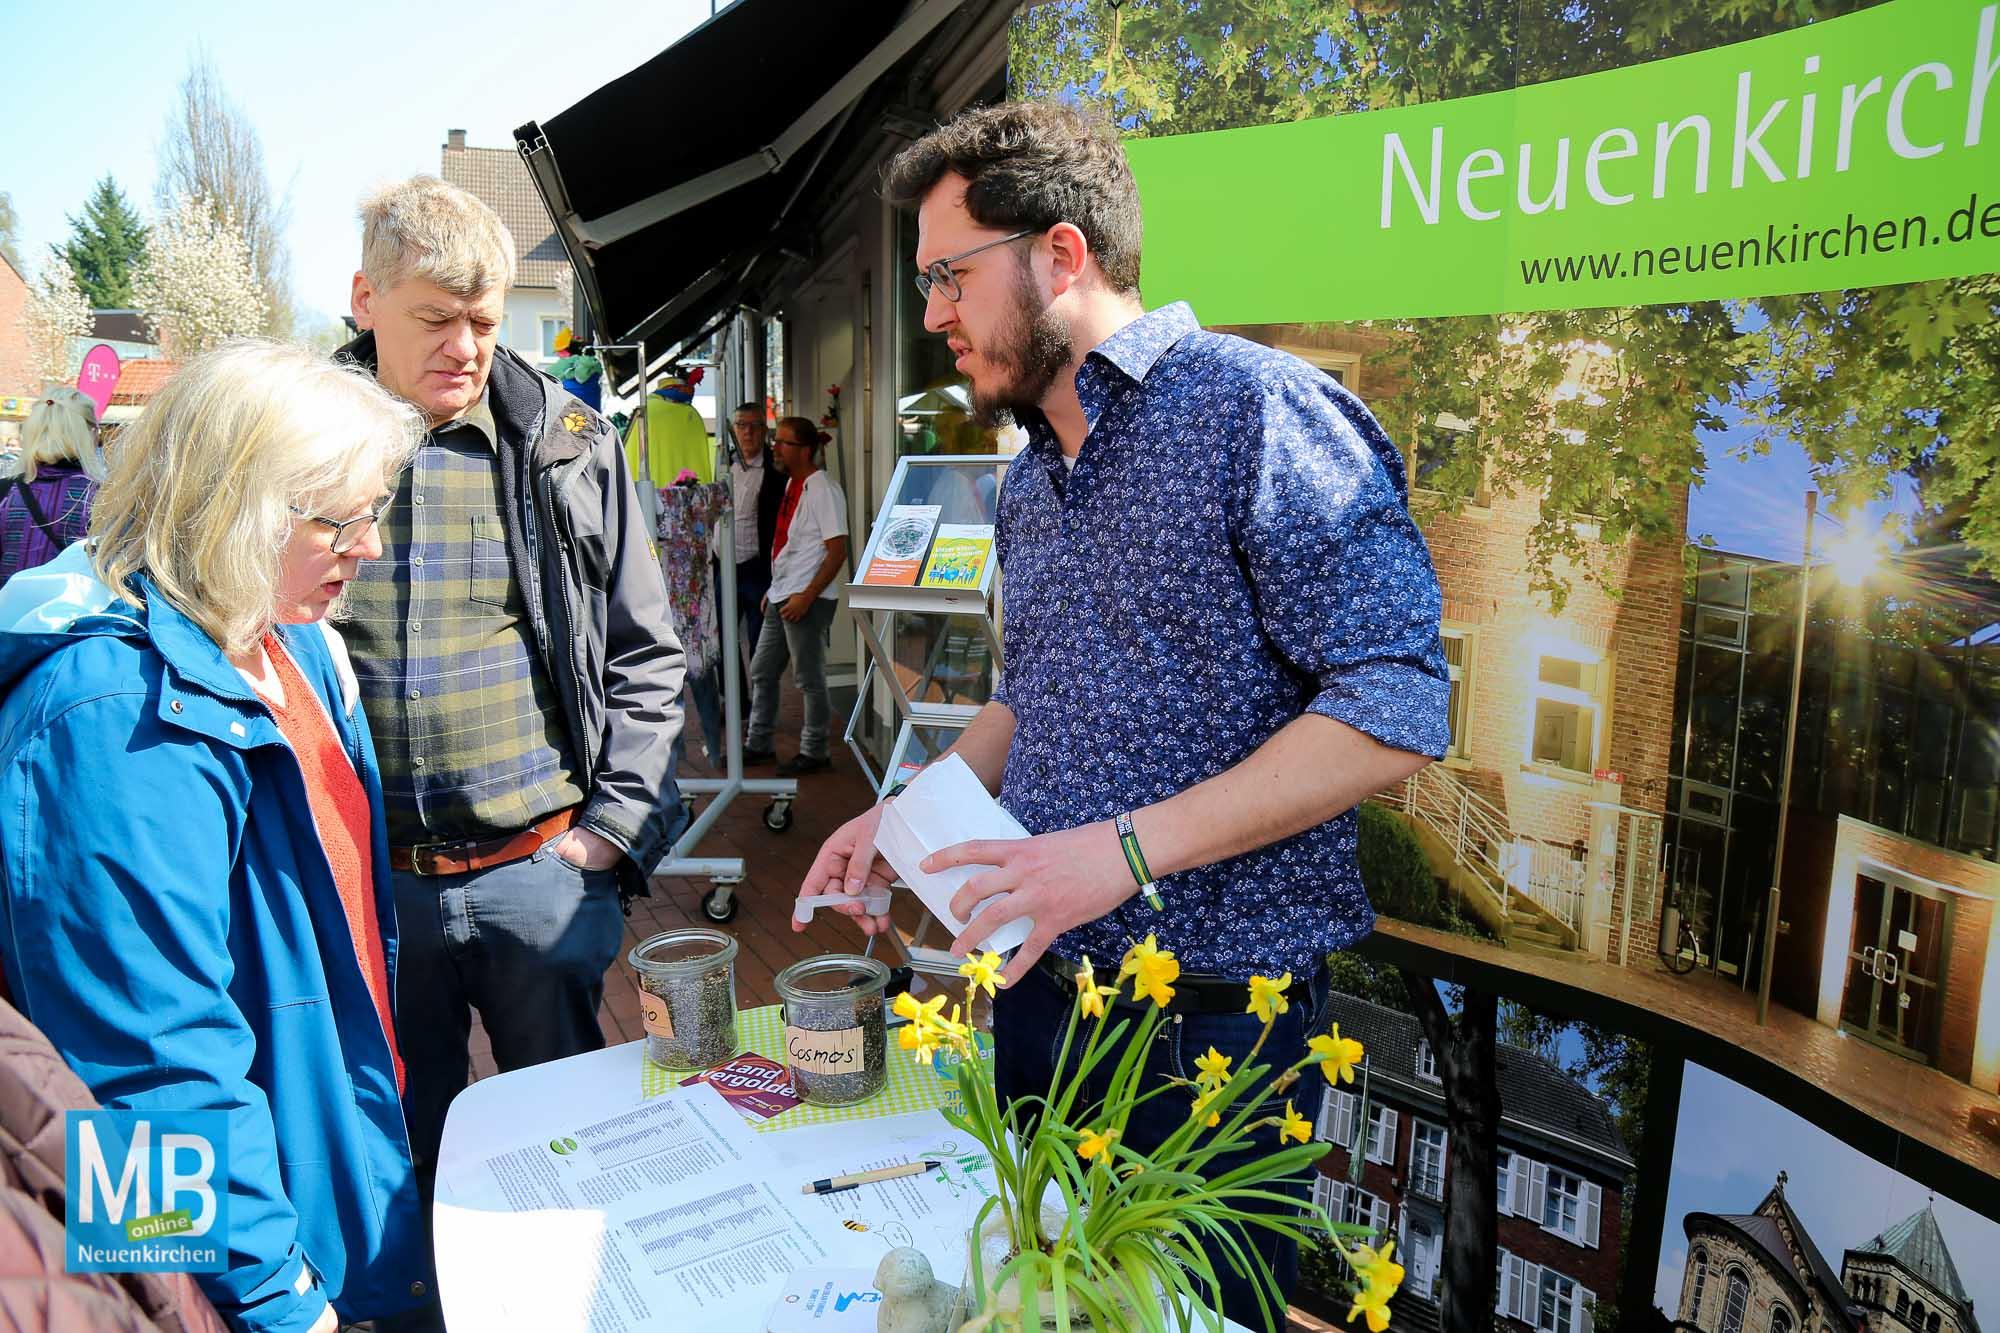 Neuenkirchener Fürhling 2019